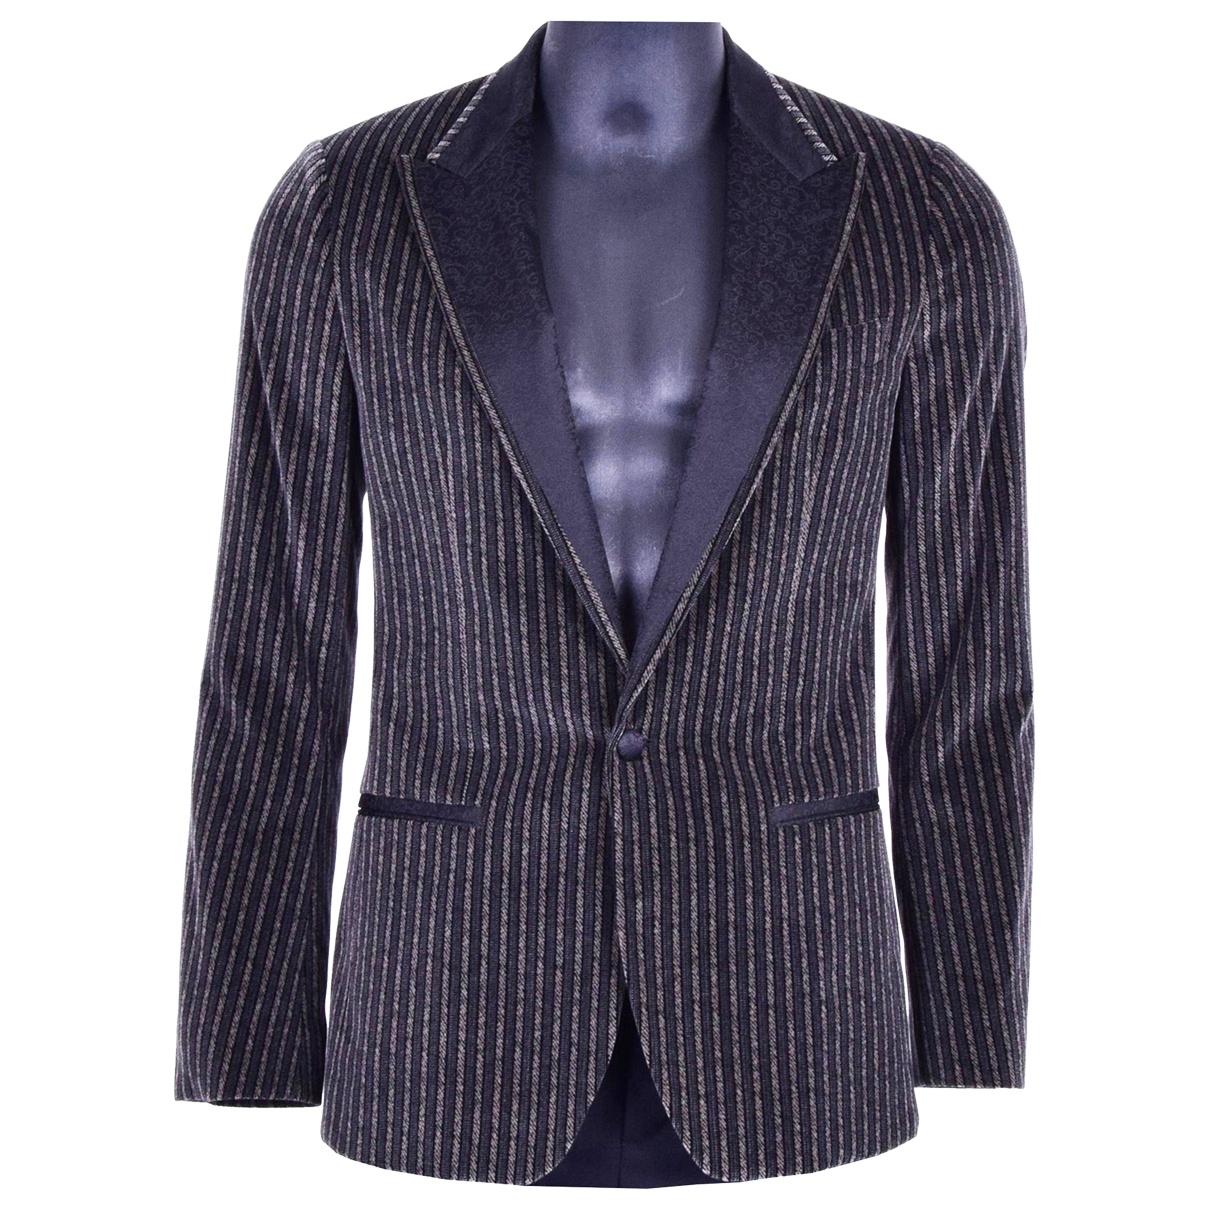 Dolce & Gabbana - Vestes.Blousons   pour homme en velours - gris